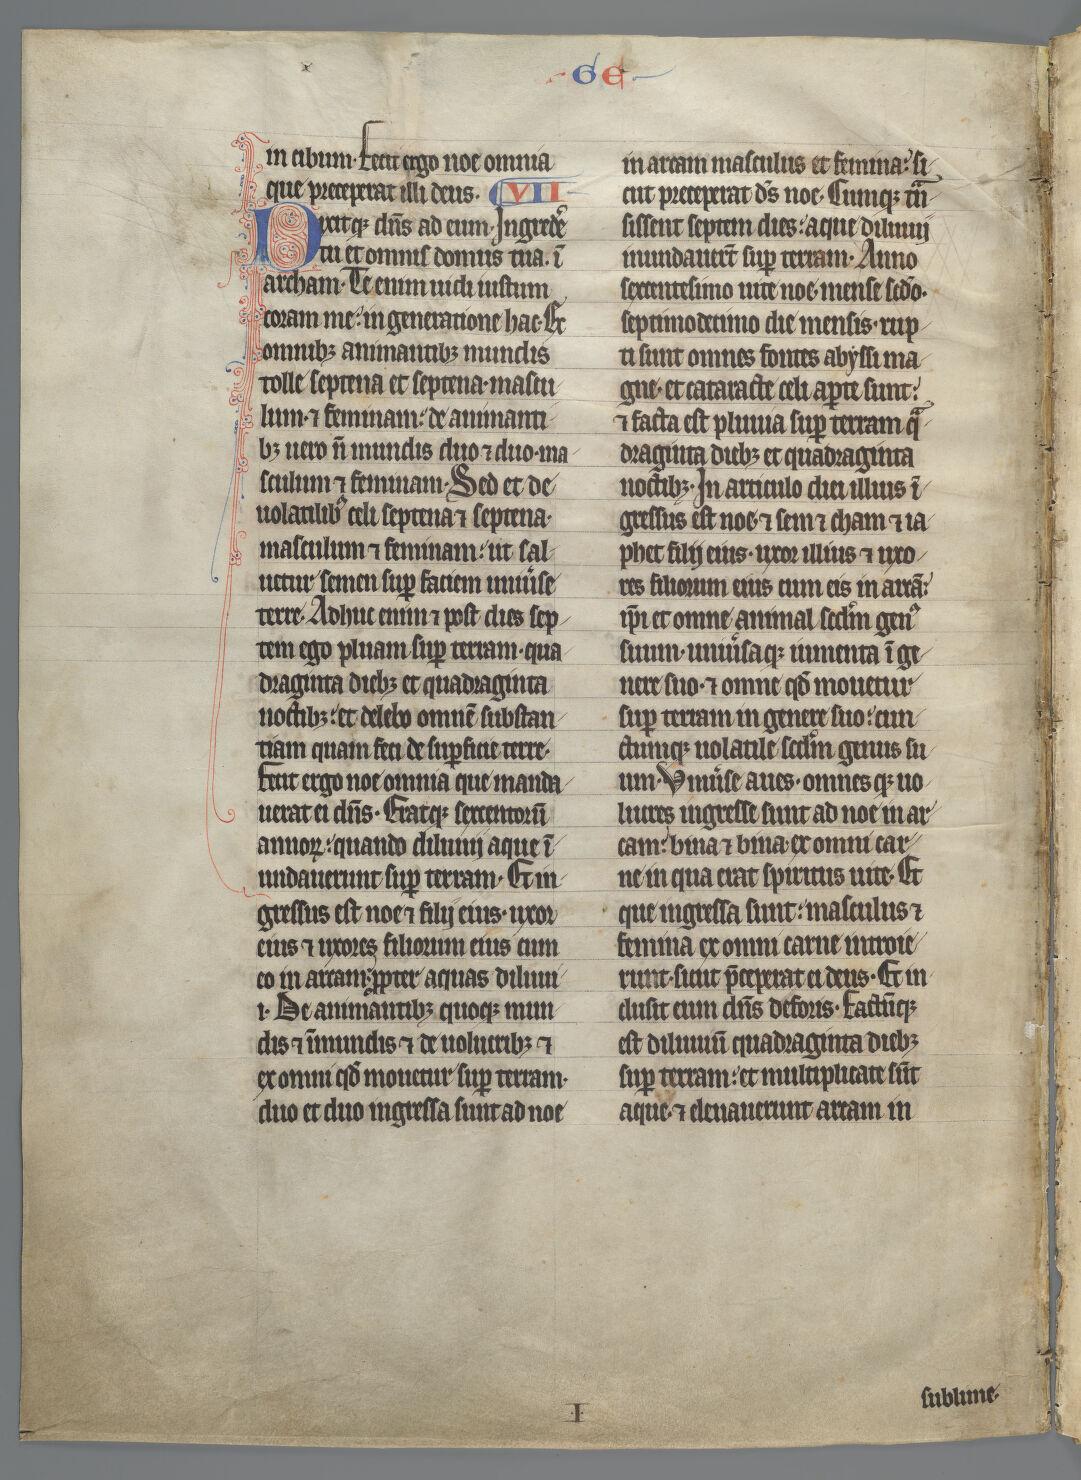 f. 1v (seq. 2)